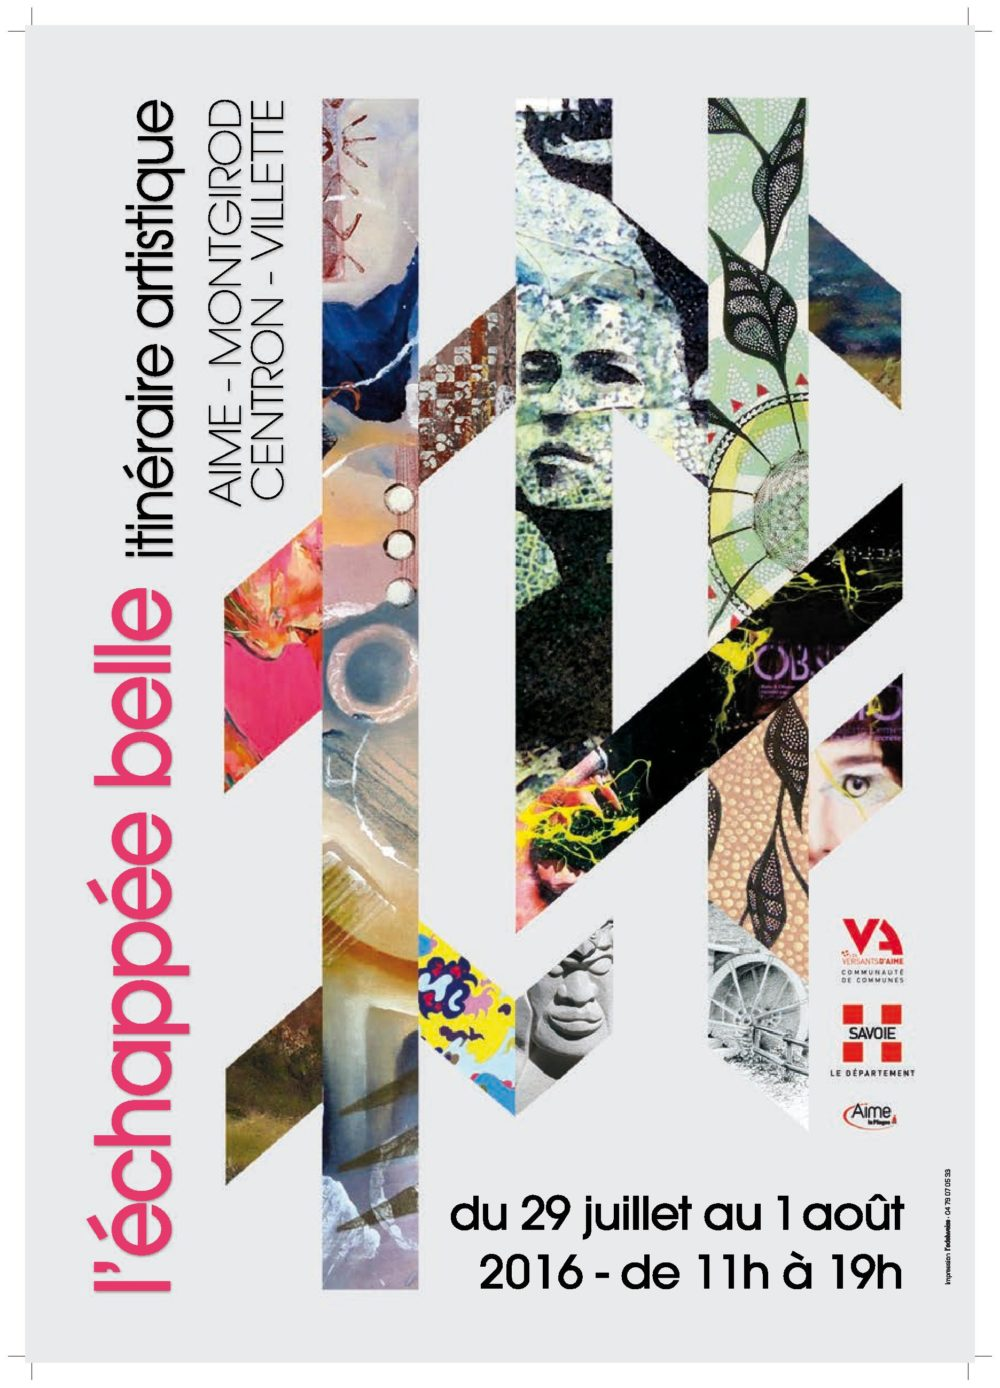 Affiche itinéraire artistique 2016 - Echappée belle - Les versants d'Aime 73200 - Atelier Mucyol